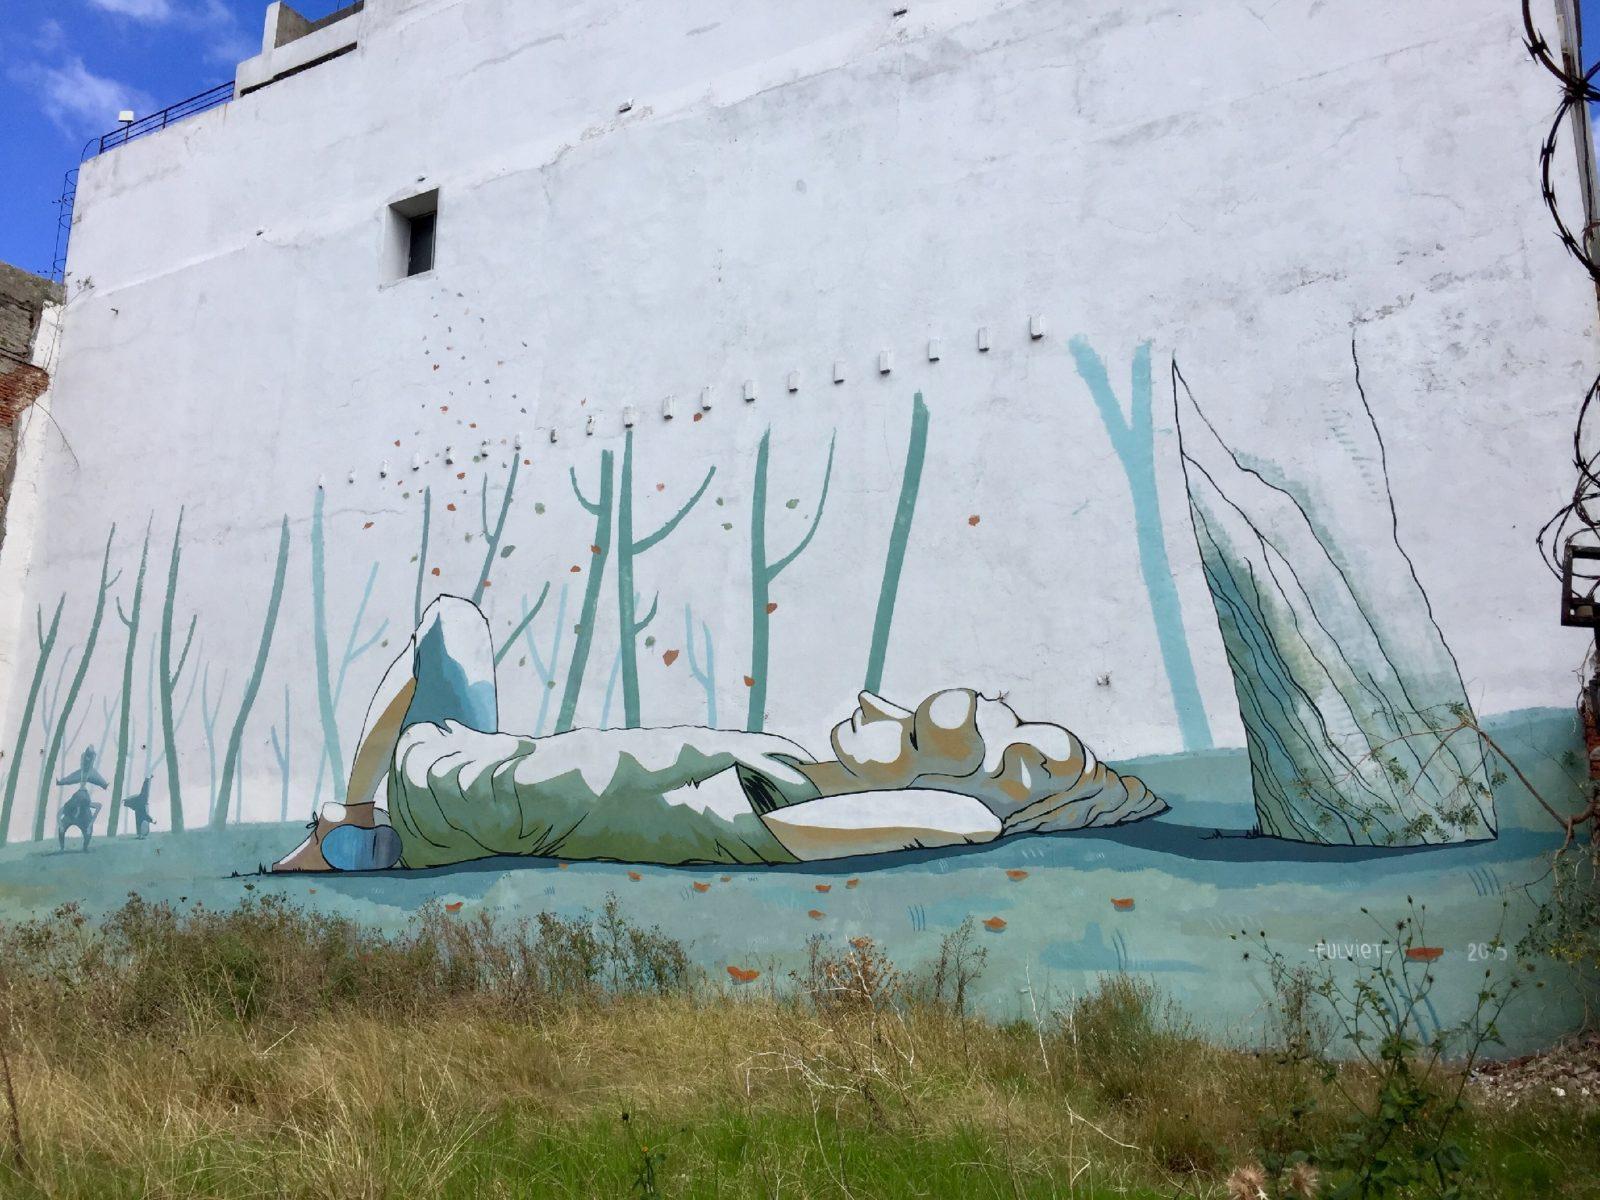 vstreet art montevideo uruguay murale nature poetique FULVIET copyright MANU RIVOIR - Le street art à Montevideo ? Un art de vivre !